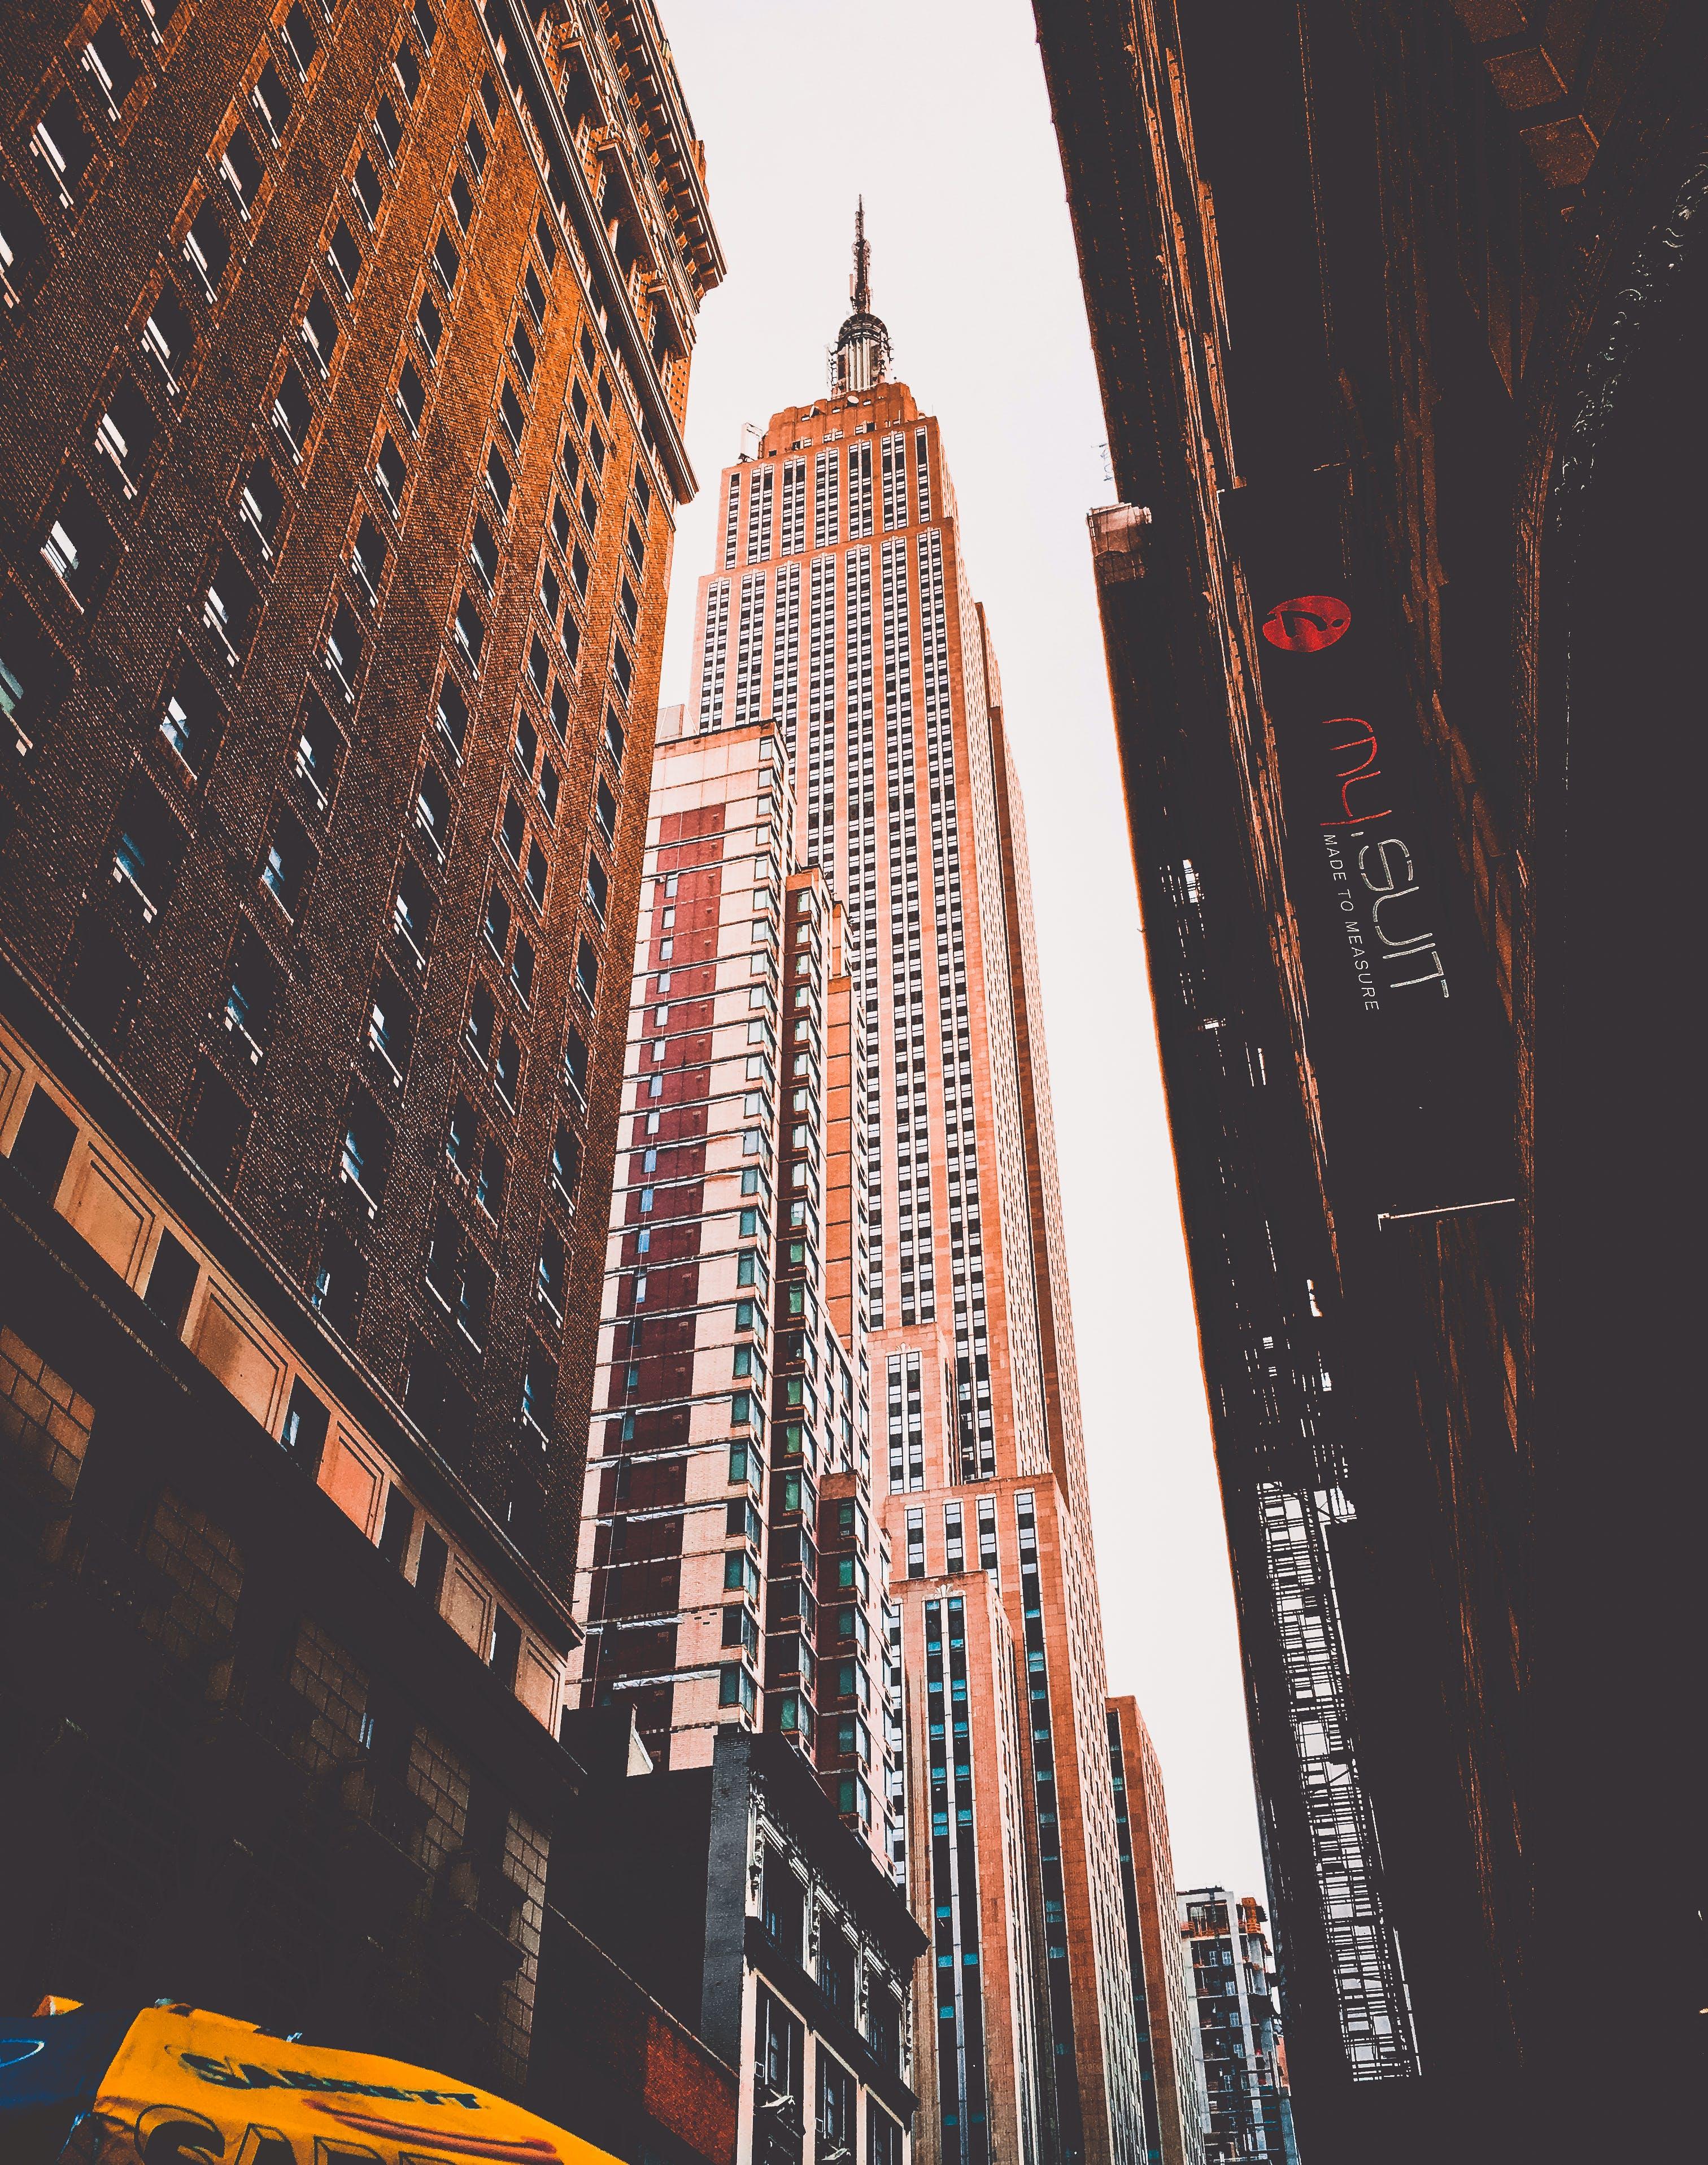 Kostenloses Stock Foto zu empire state building, gelbes taxi, hoch, hübsch